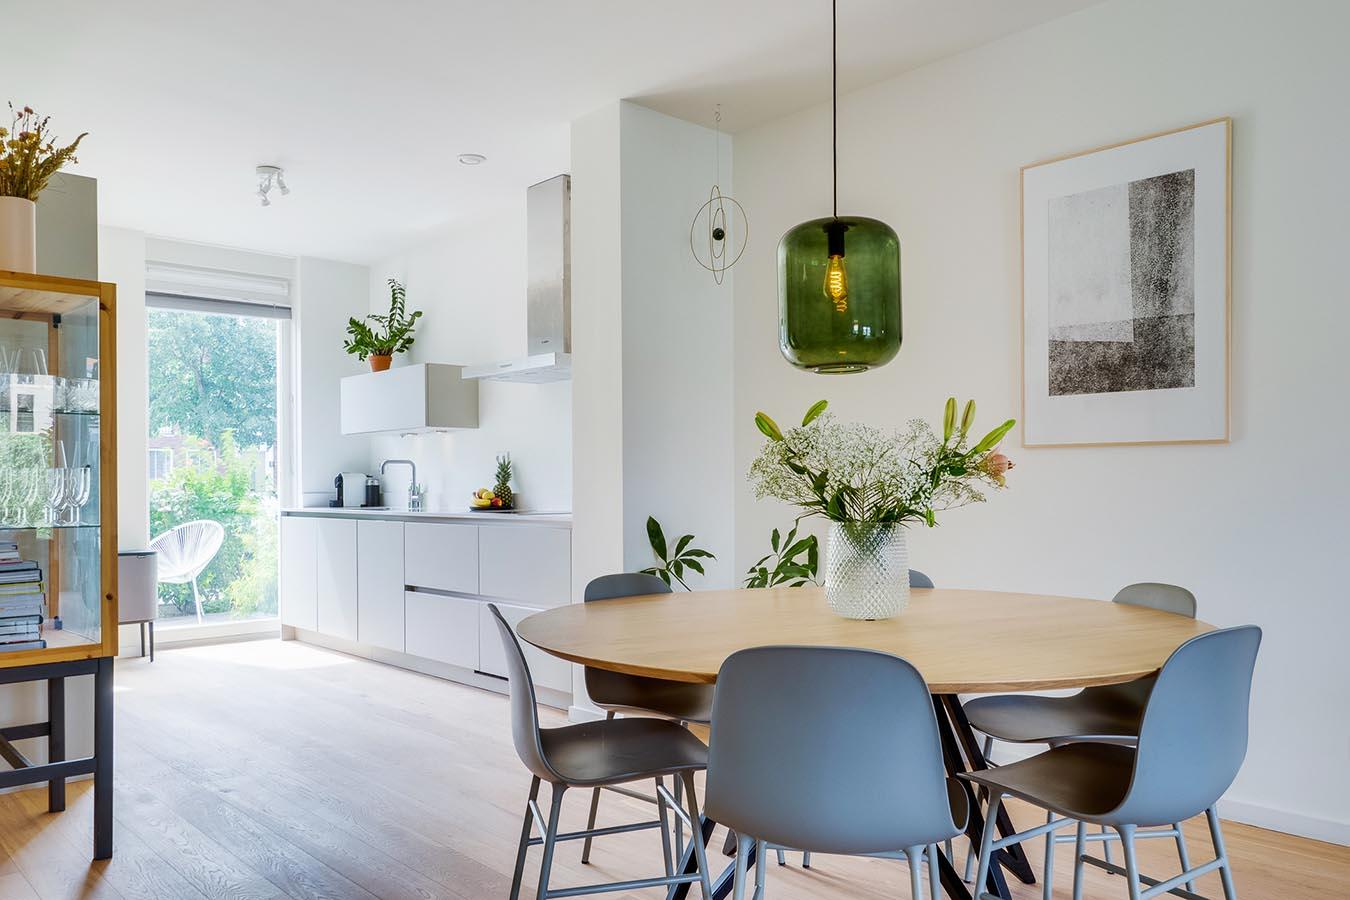 ronde tafel met ruime woonkamer